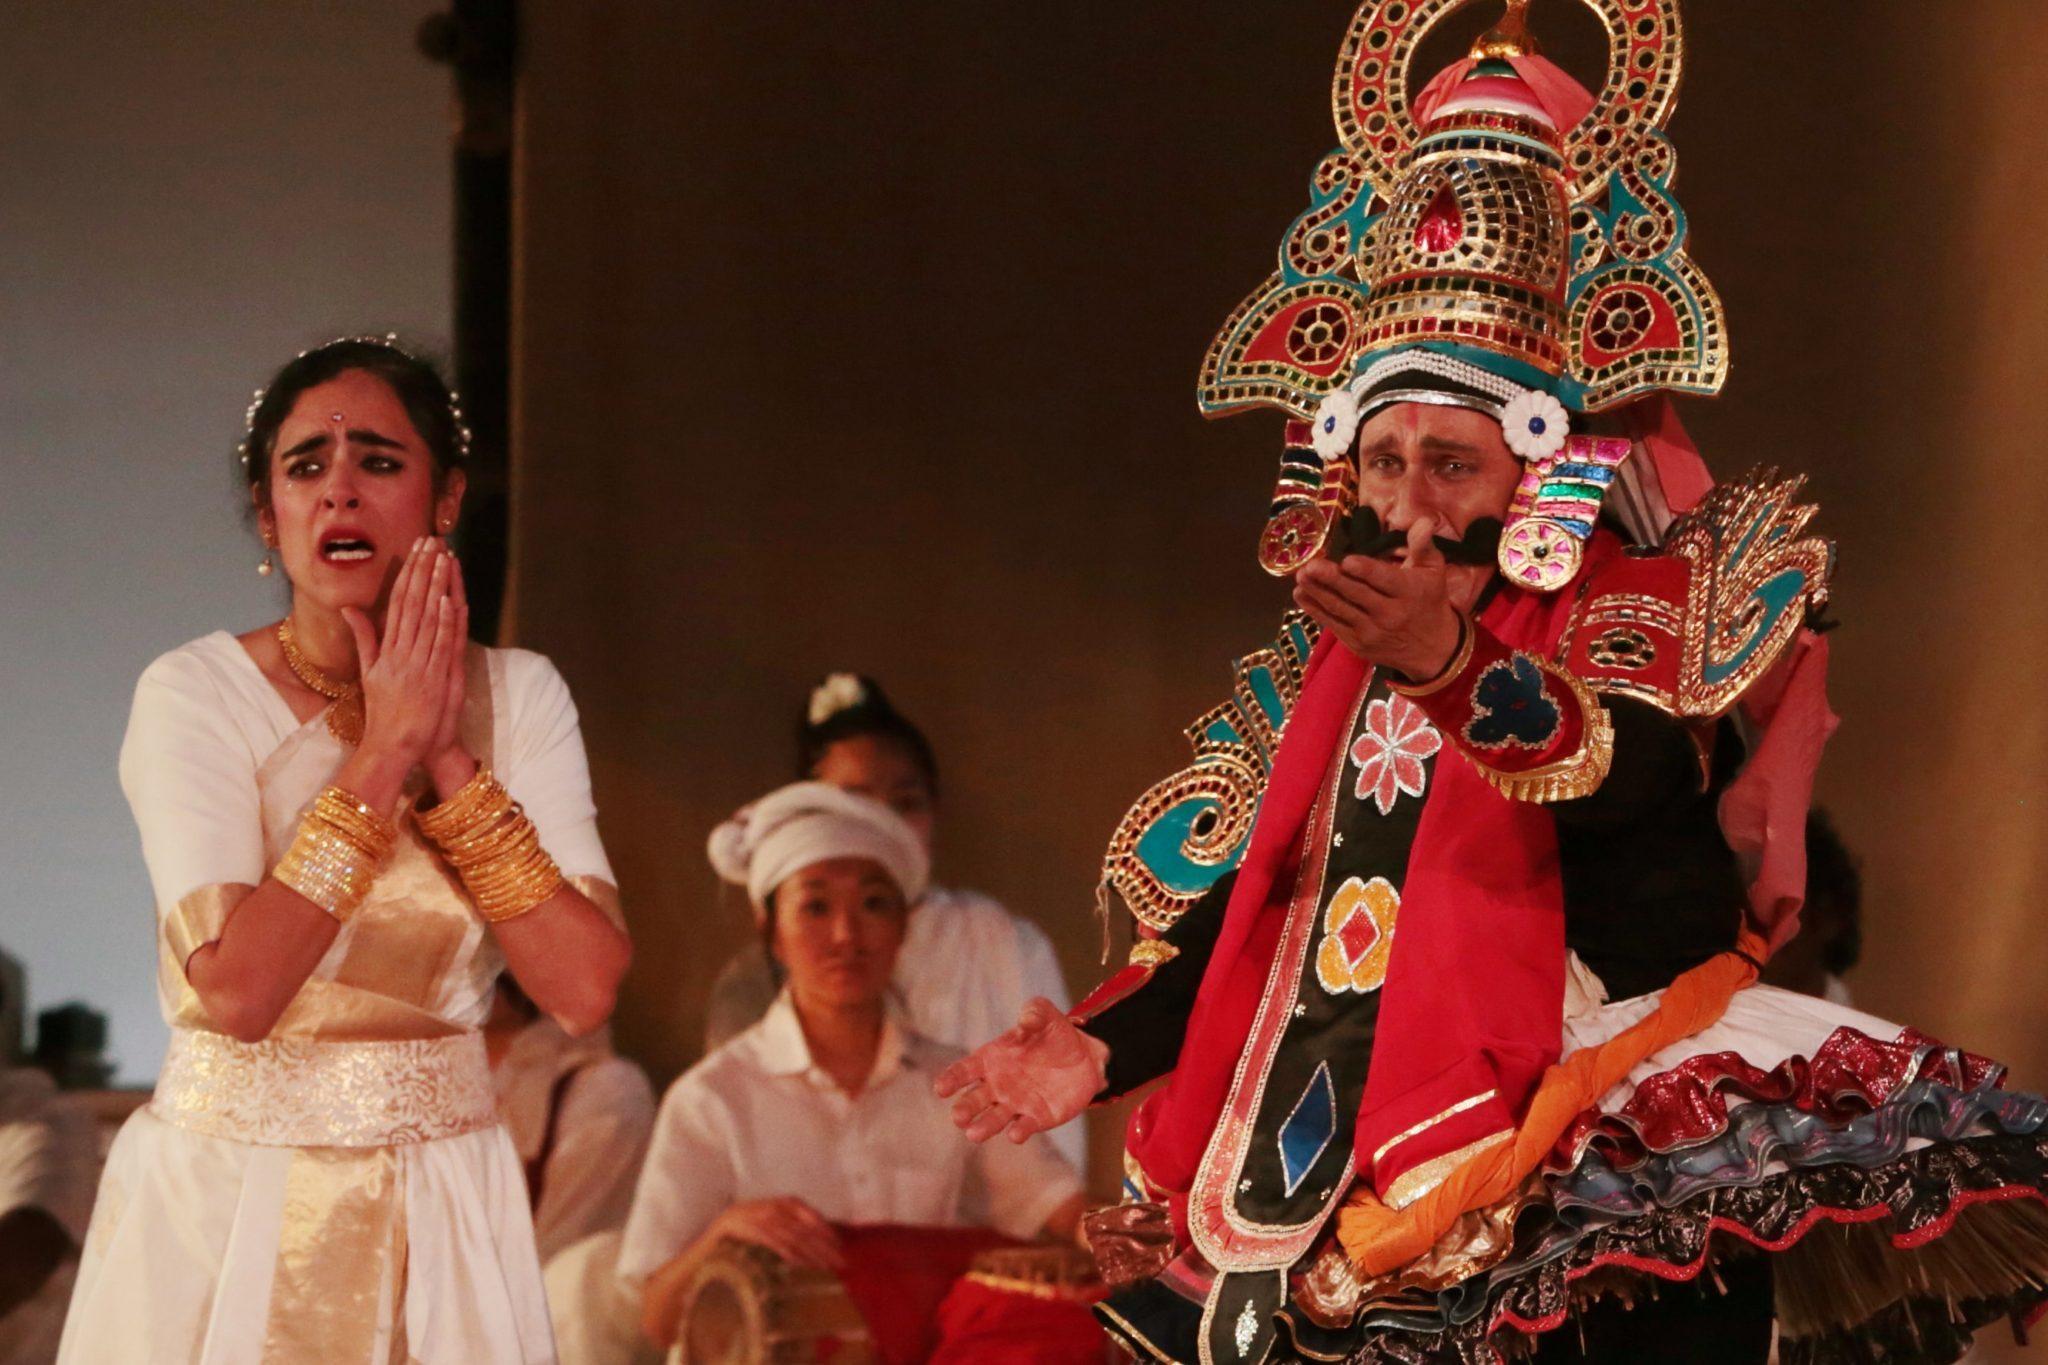 Une chambre en Inde du Théâtre du Soleil Ariane Mnouchkine image-2